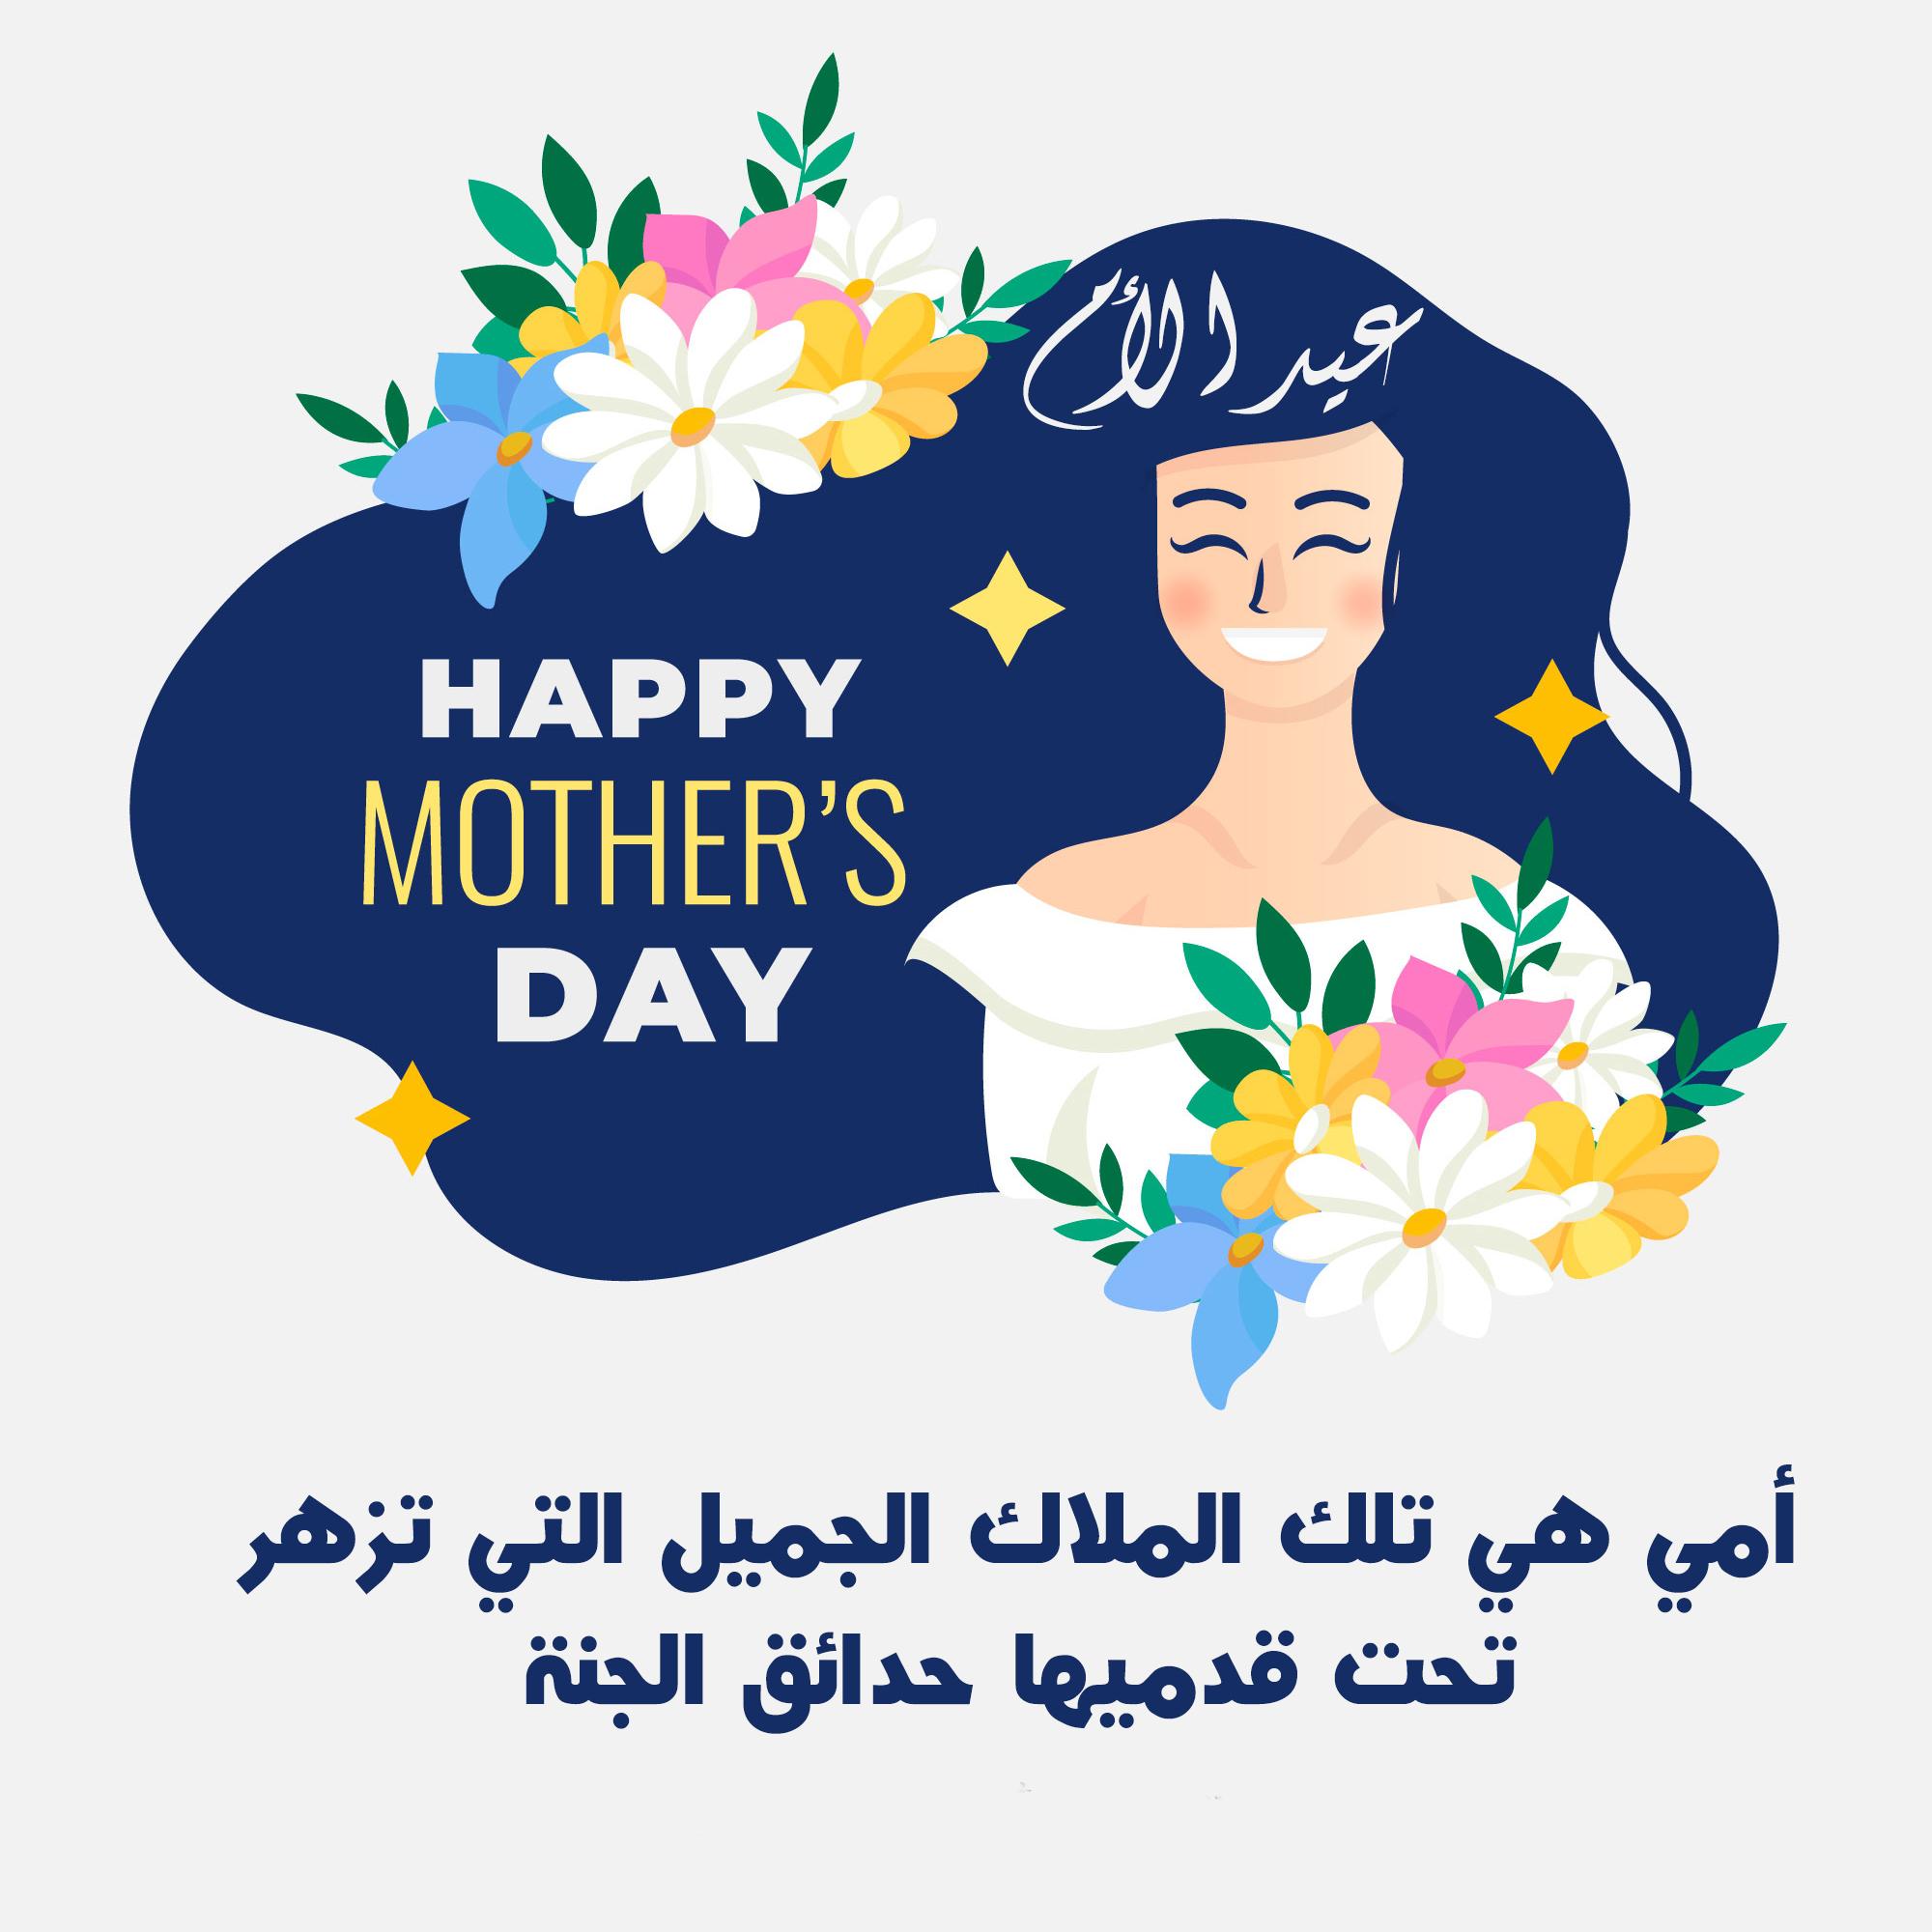 عيد الأم 2020 أشعار عن الأم يوم الأم رمزيات عن الأم 2